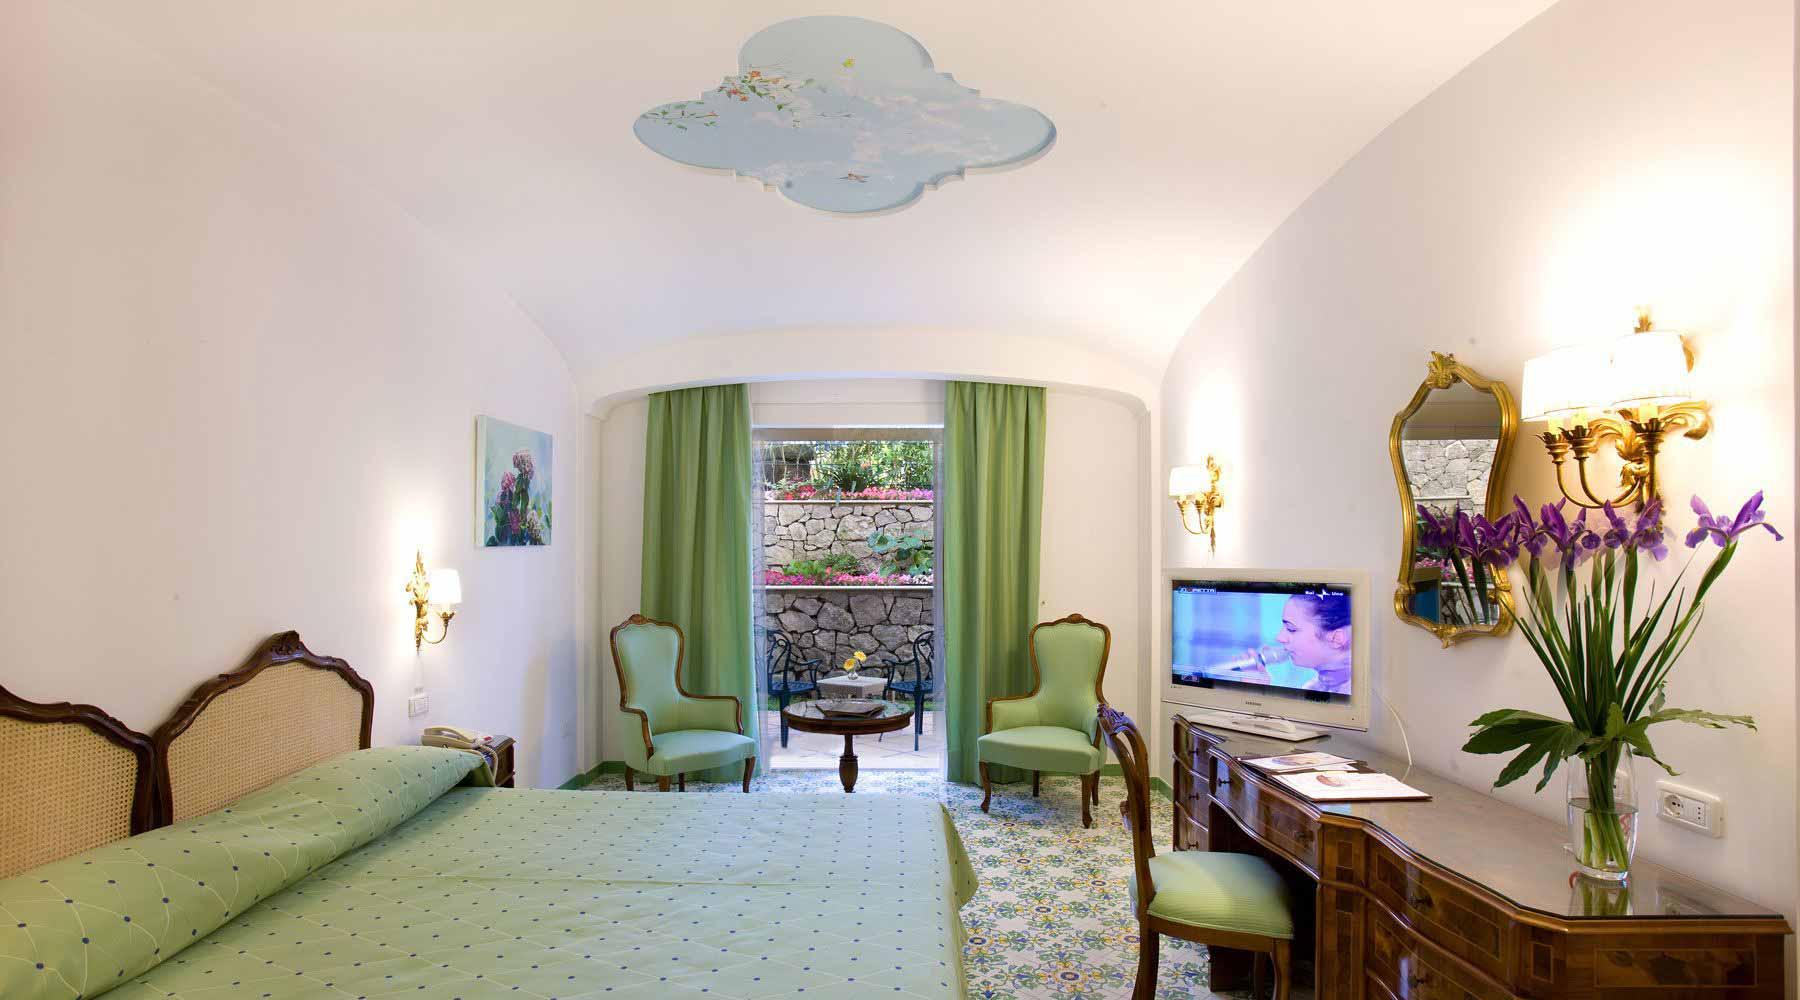 Classic Double Room at the Grand Hotel La Favorita